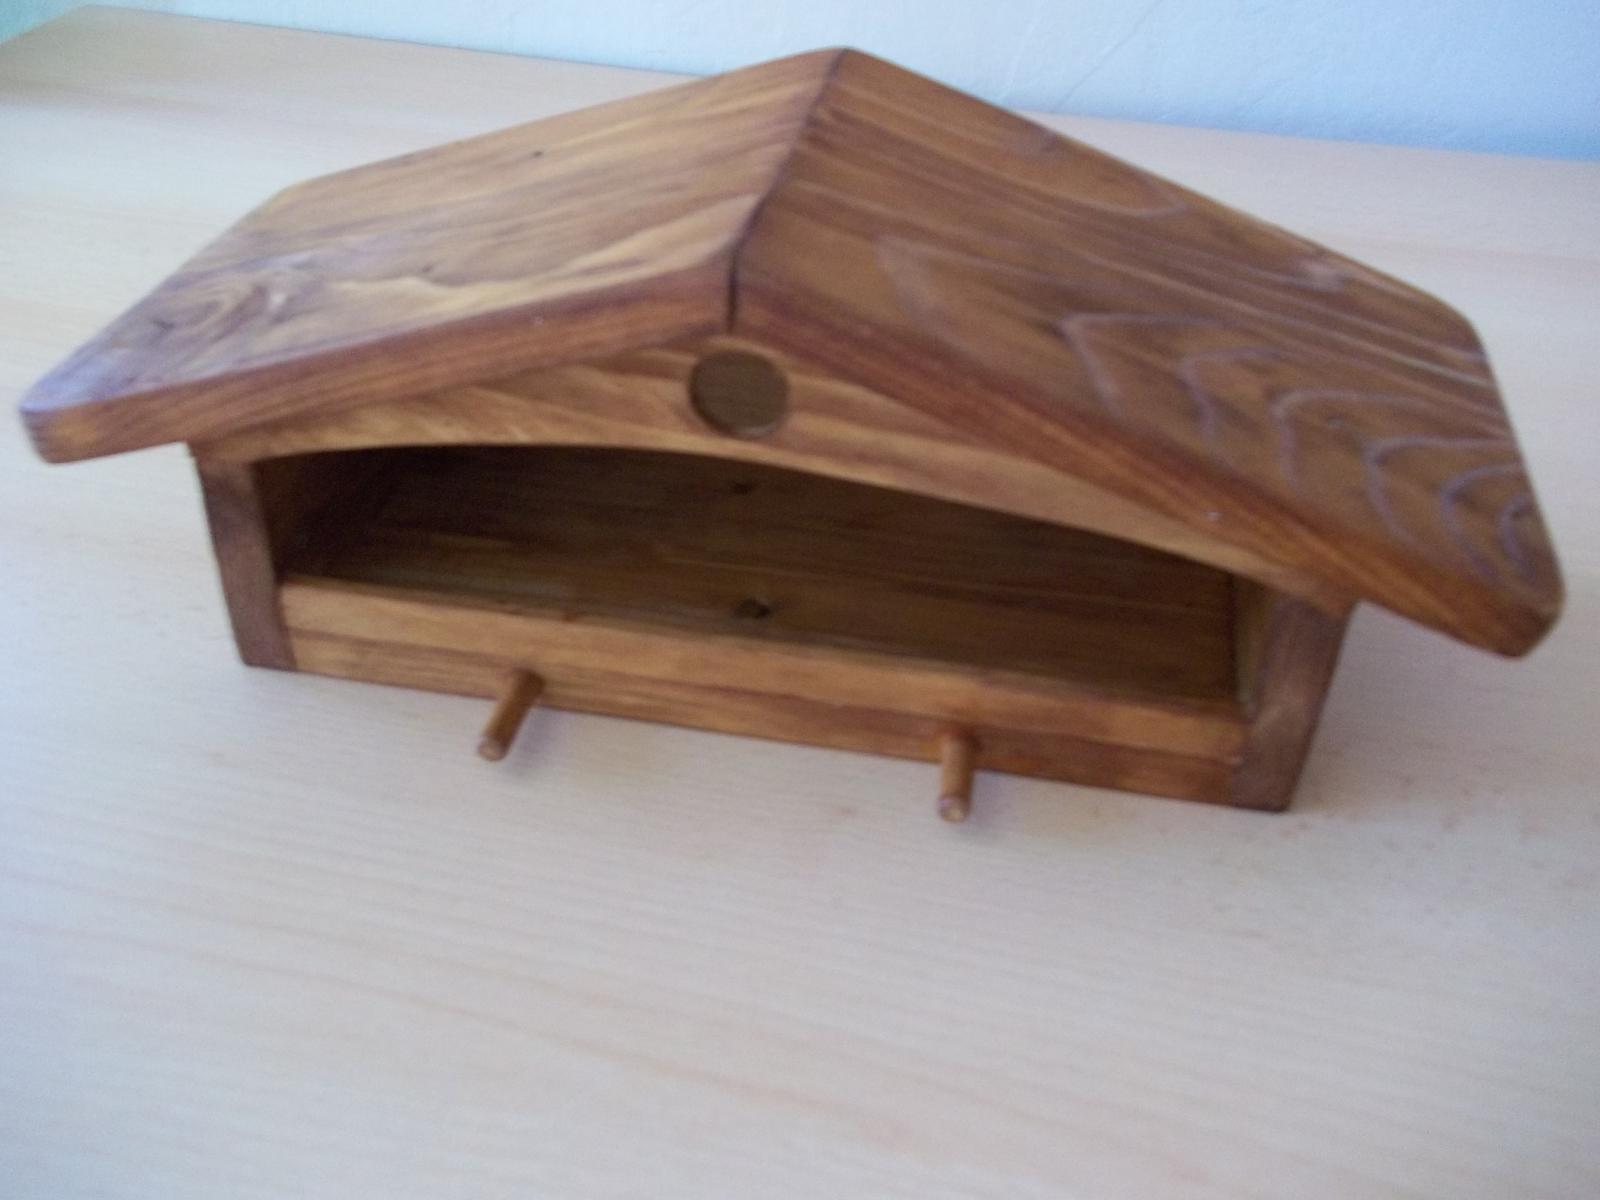 Búdka pre vtáčiky,vrátane poštovného - Obrázok č. 2